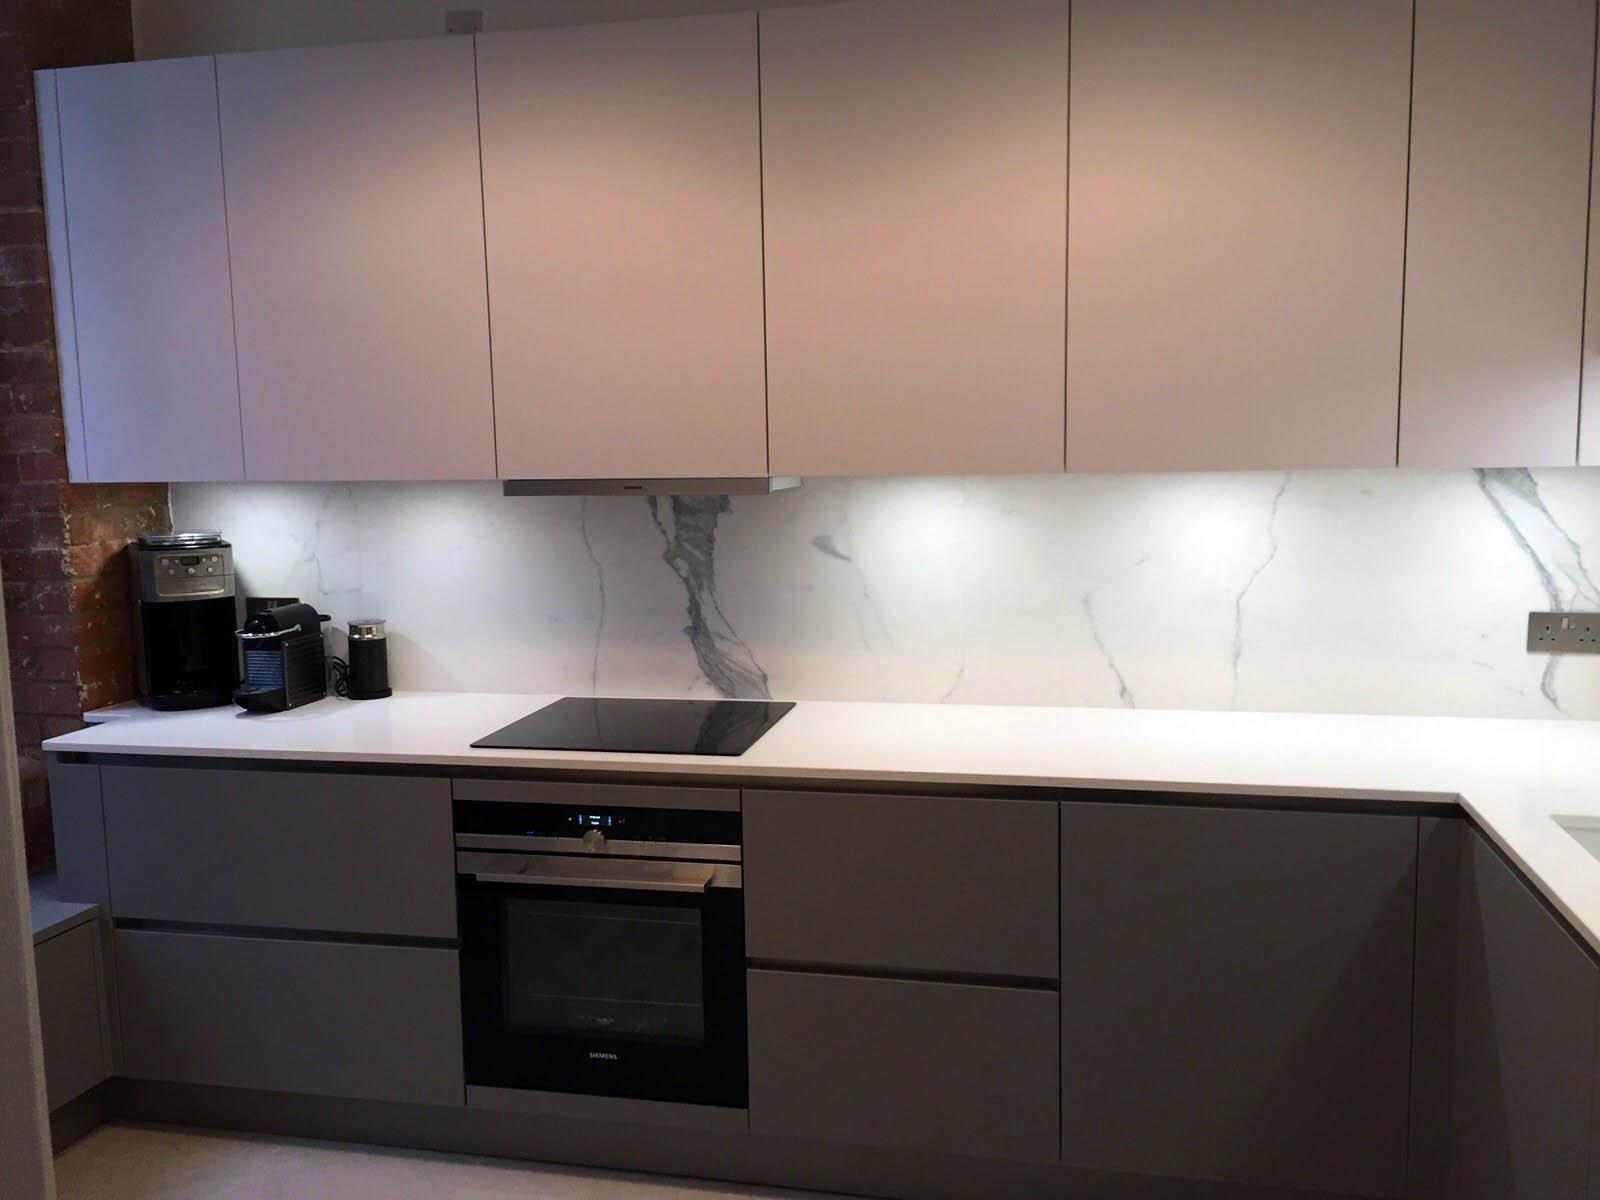 Matt Pearl Grey U0026 Pearl White Handleless   Tower Bridge | Blax Kitchens Ltd